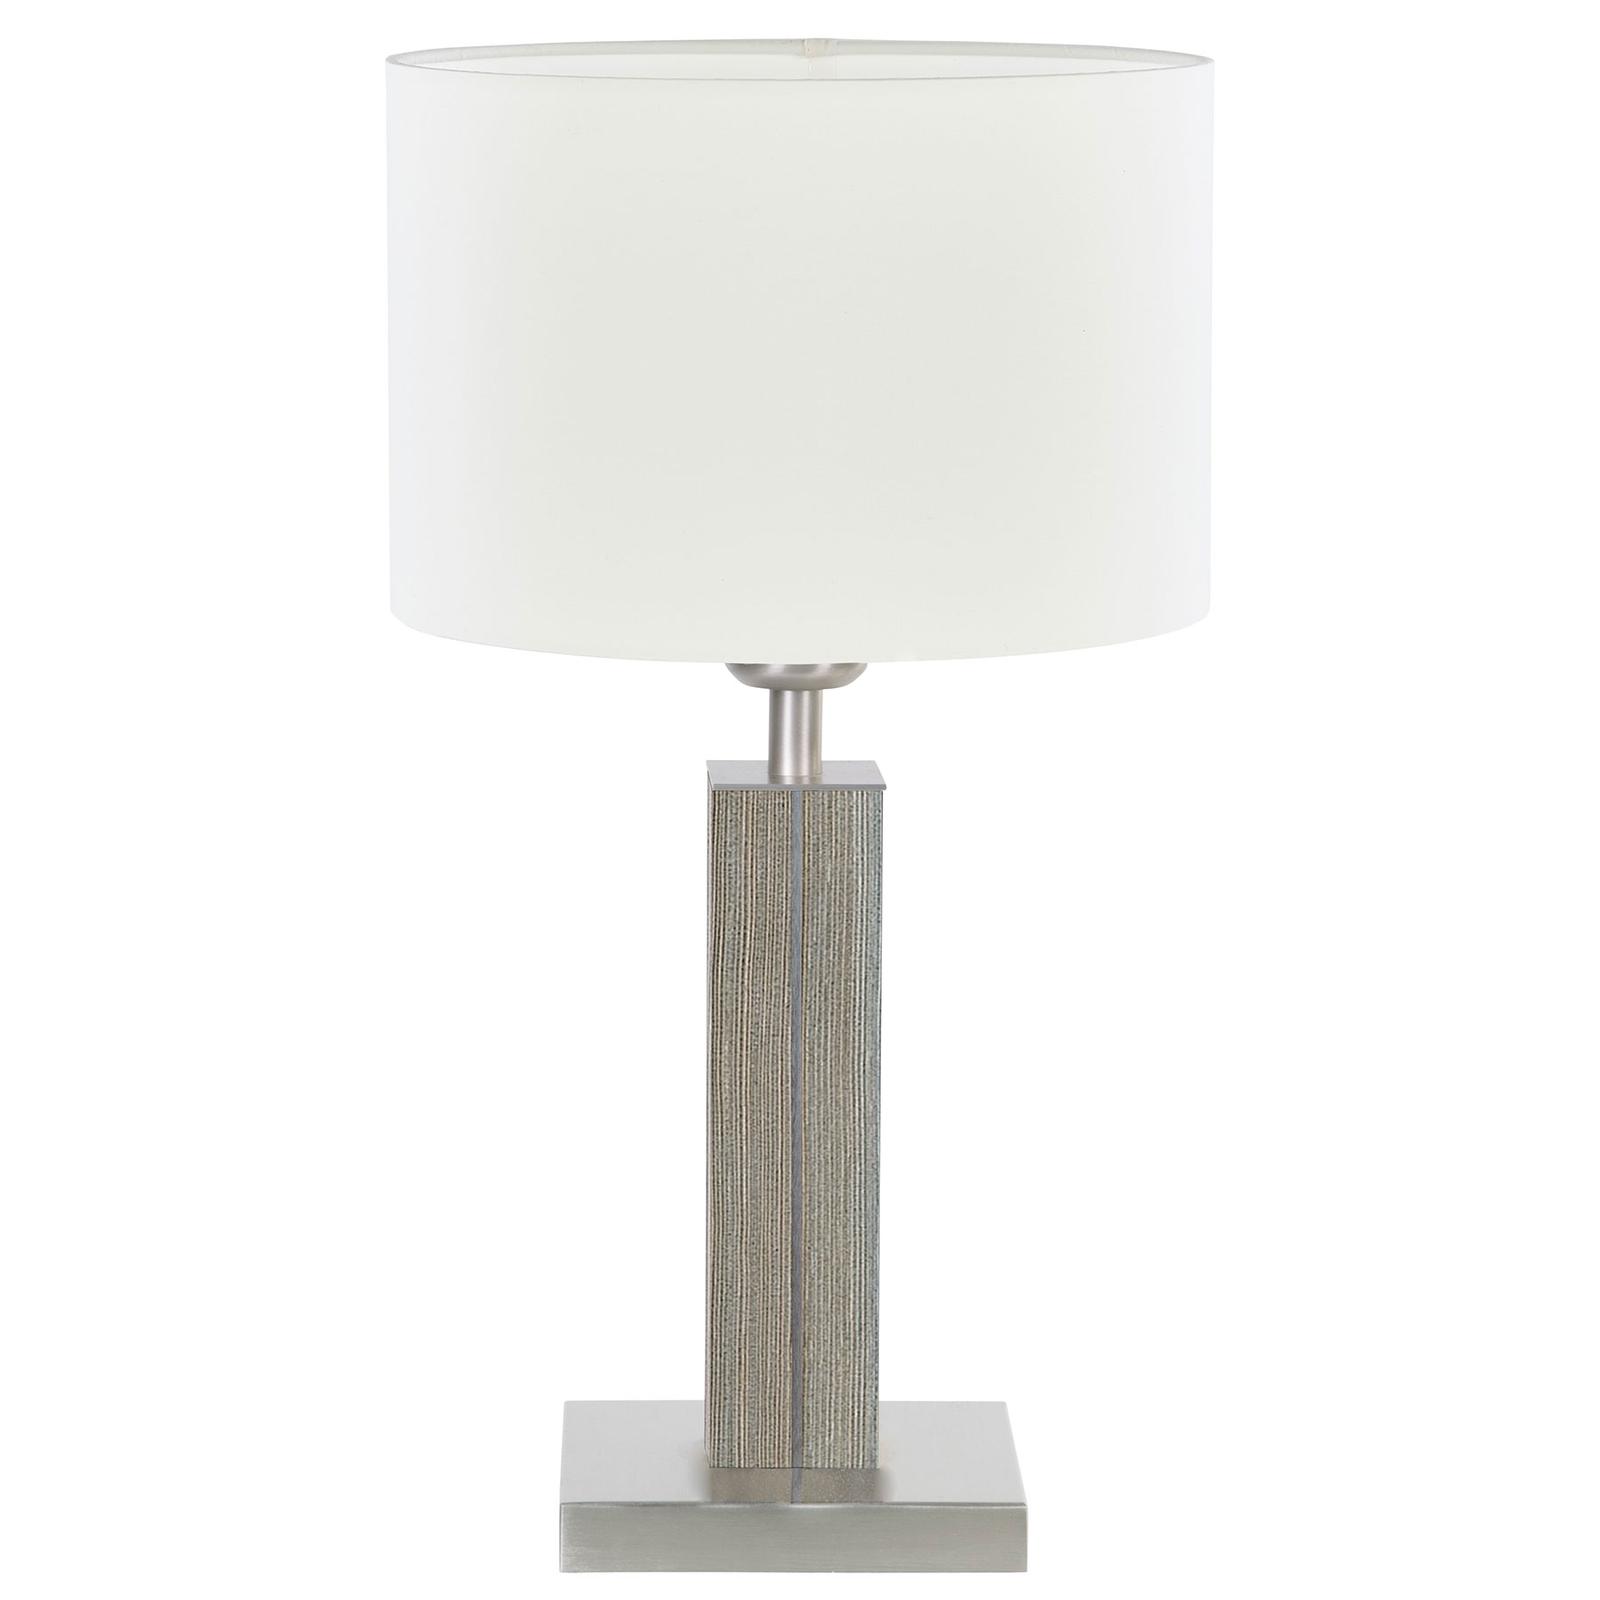 HerzBlut Dana lampa stołowa, świerk, biała, 45cm